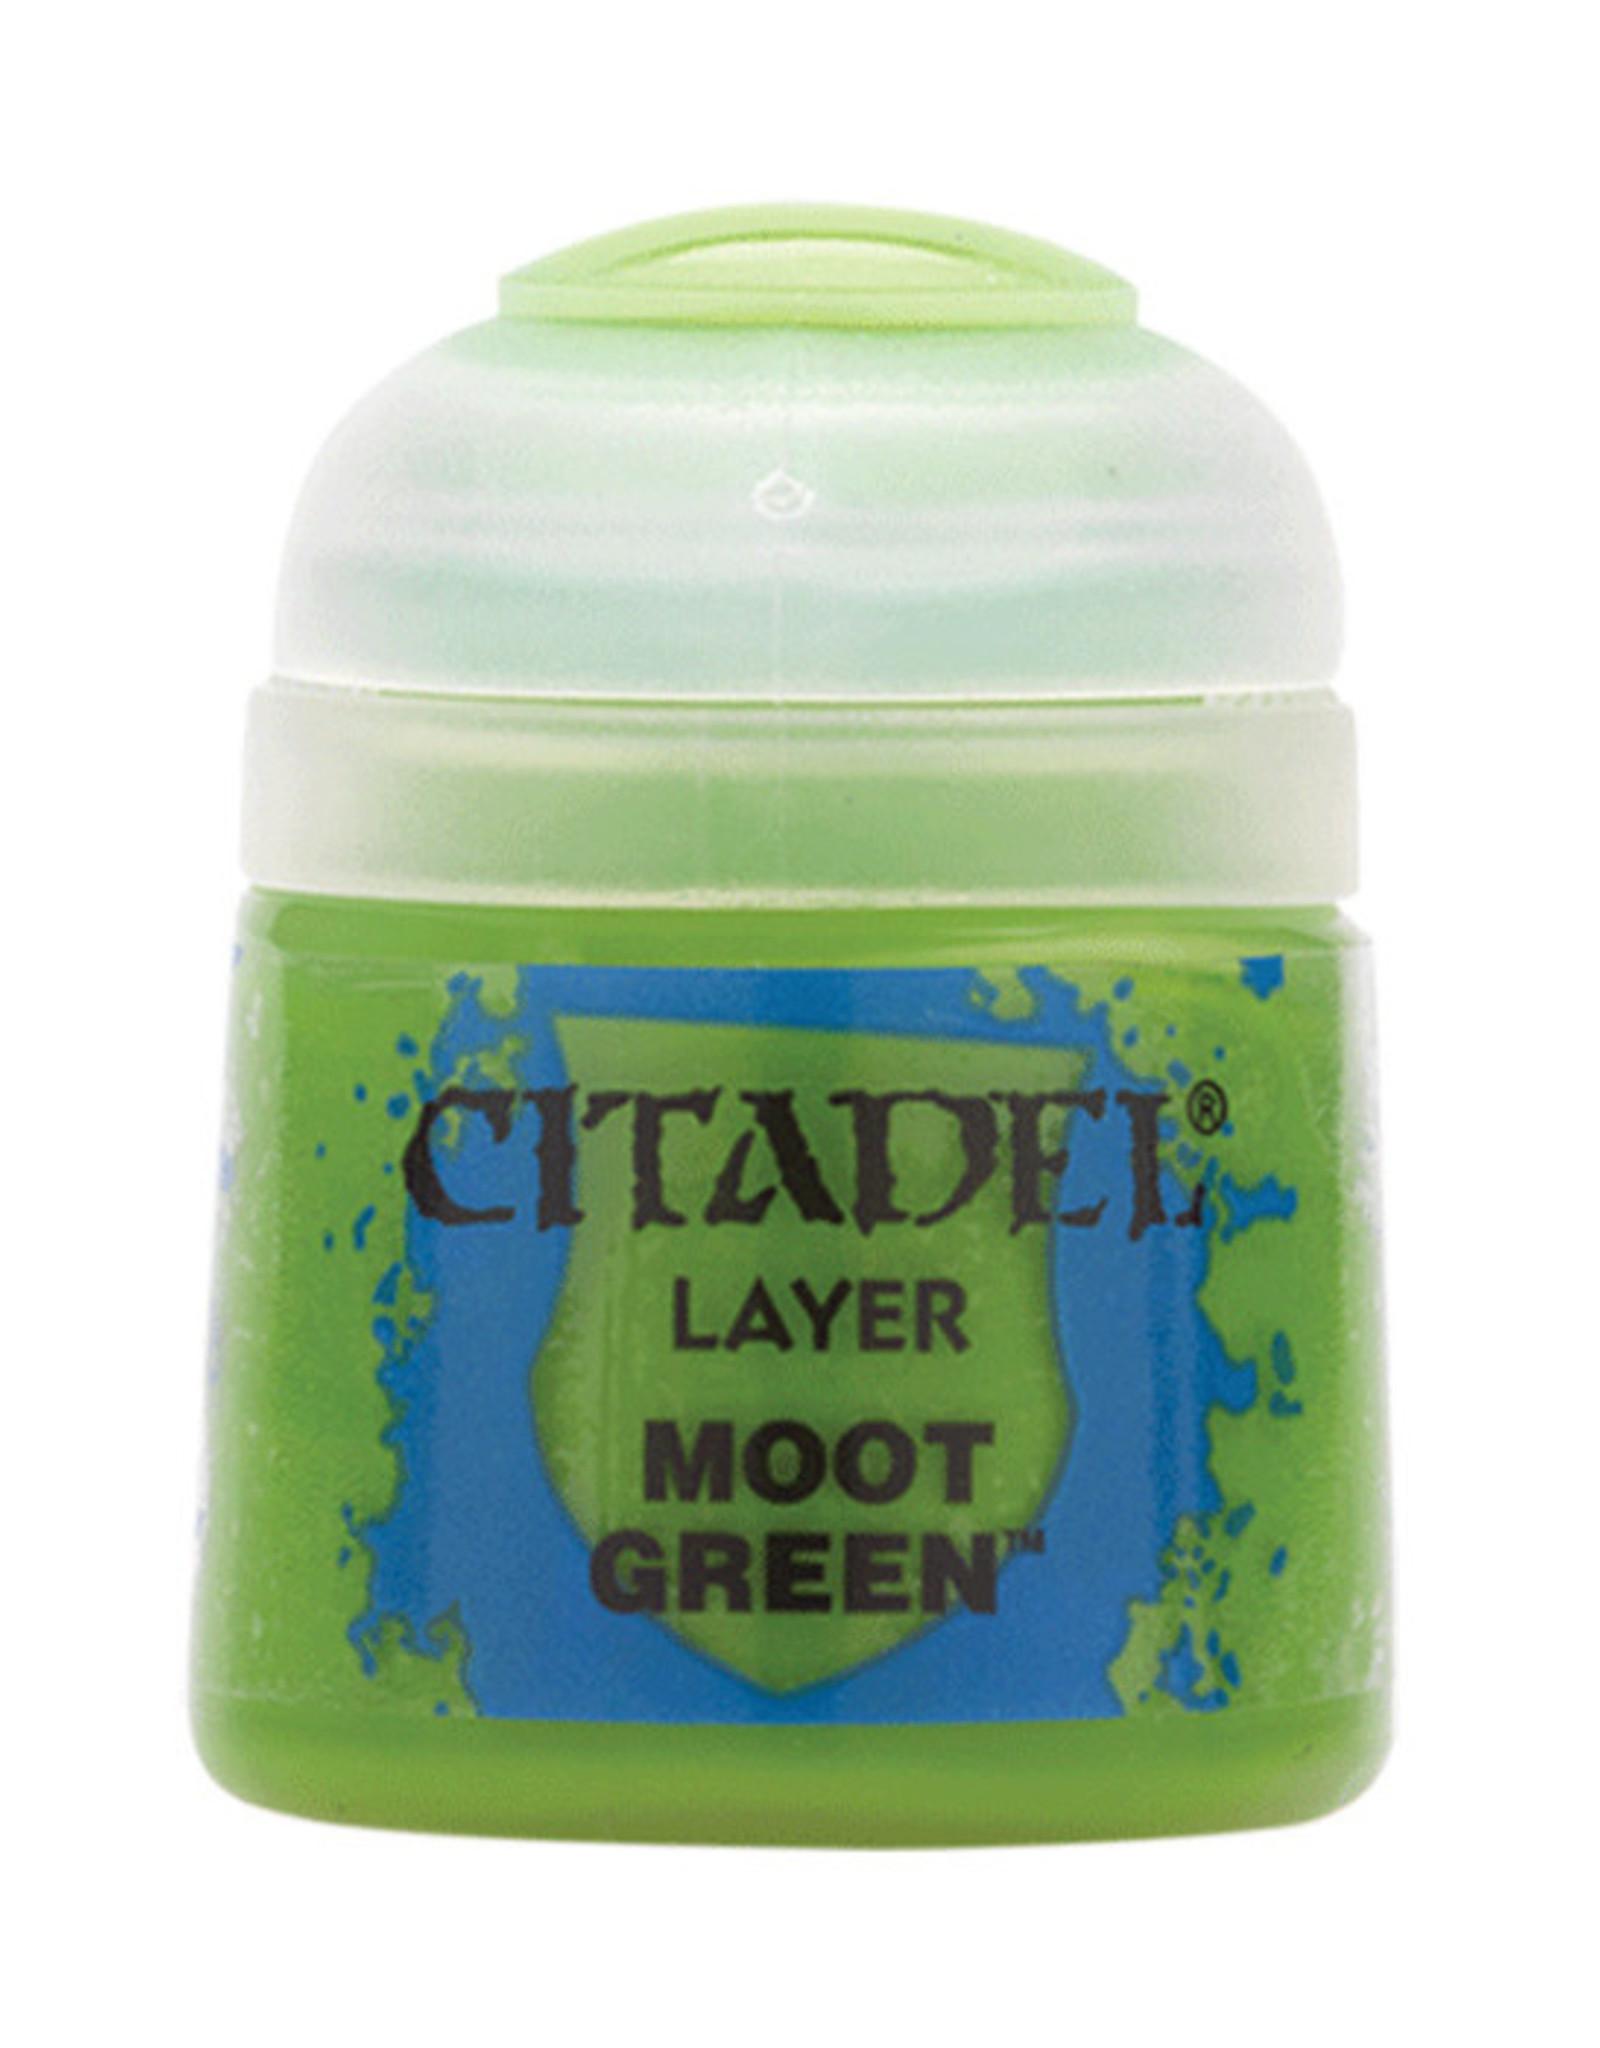 Citadel Citadel Colour: Layer - Moot Green